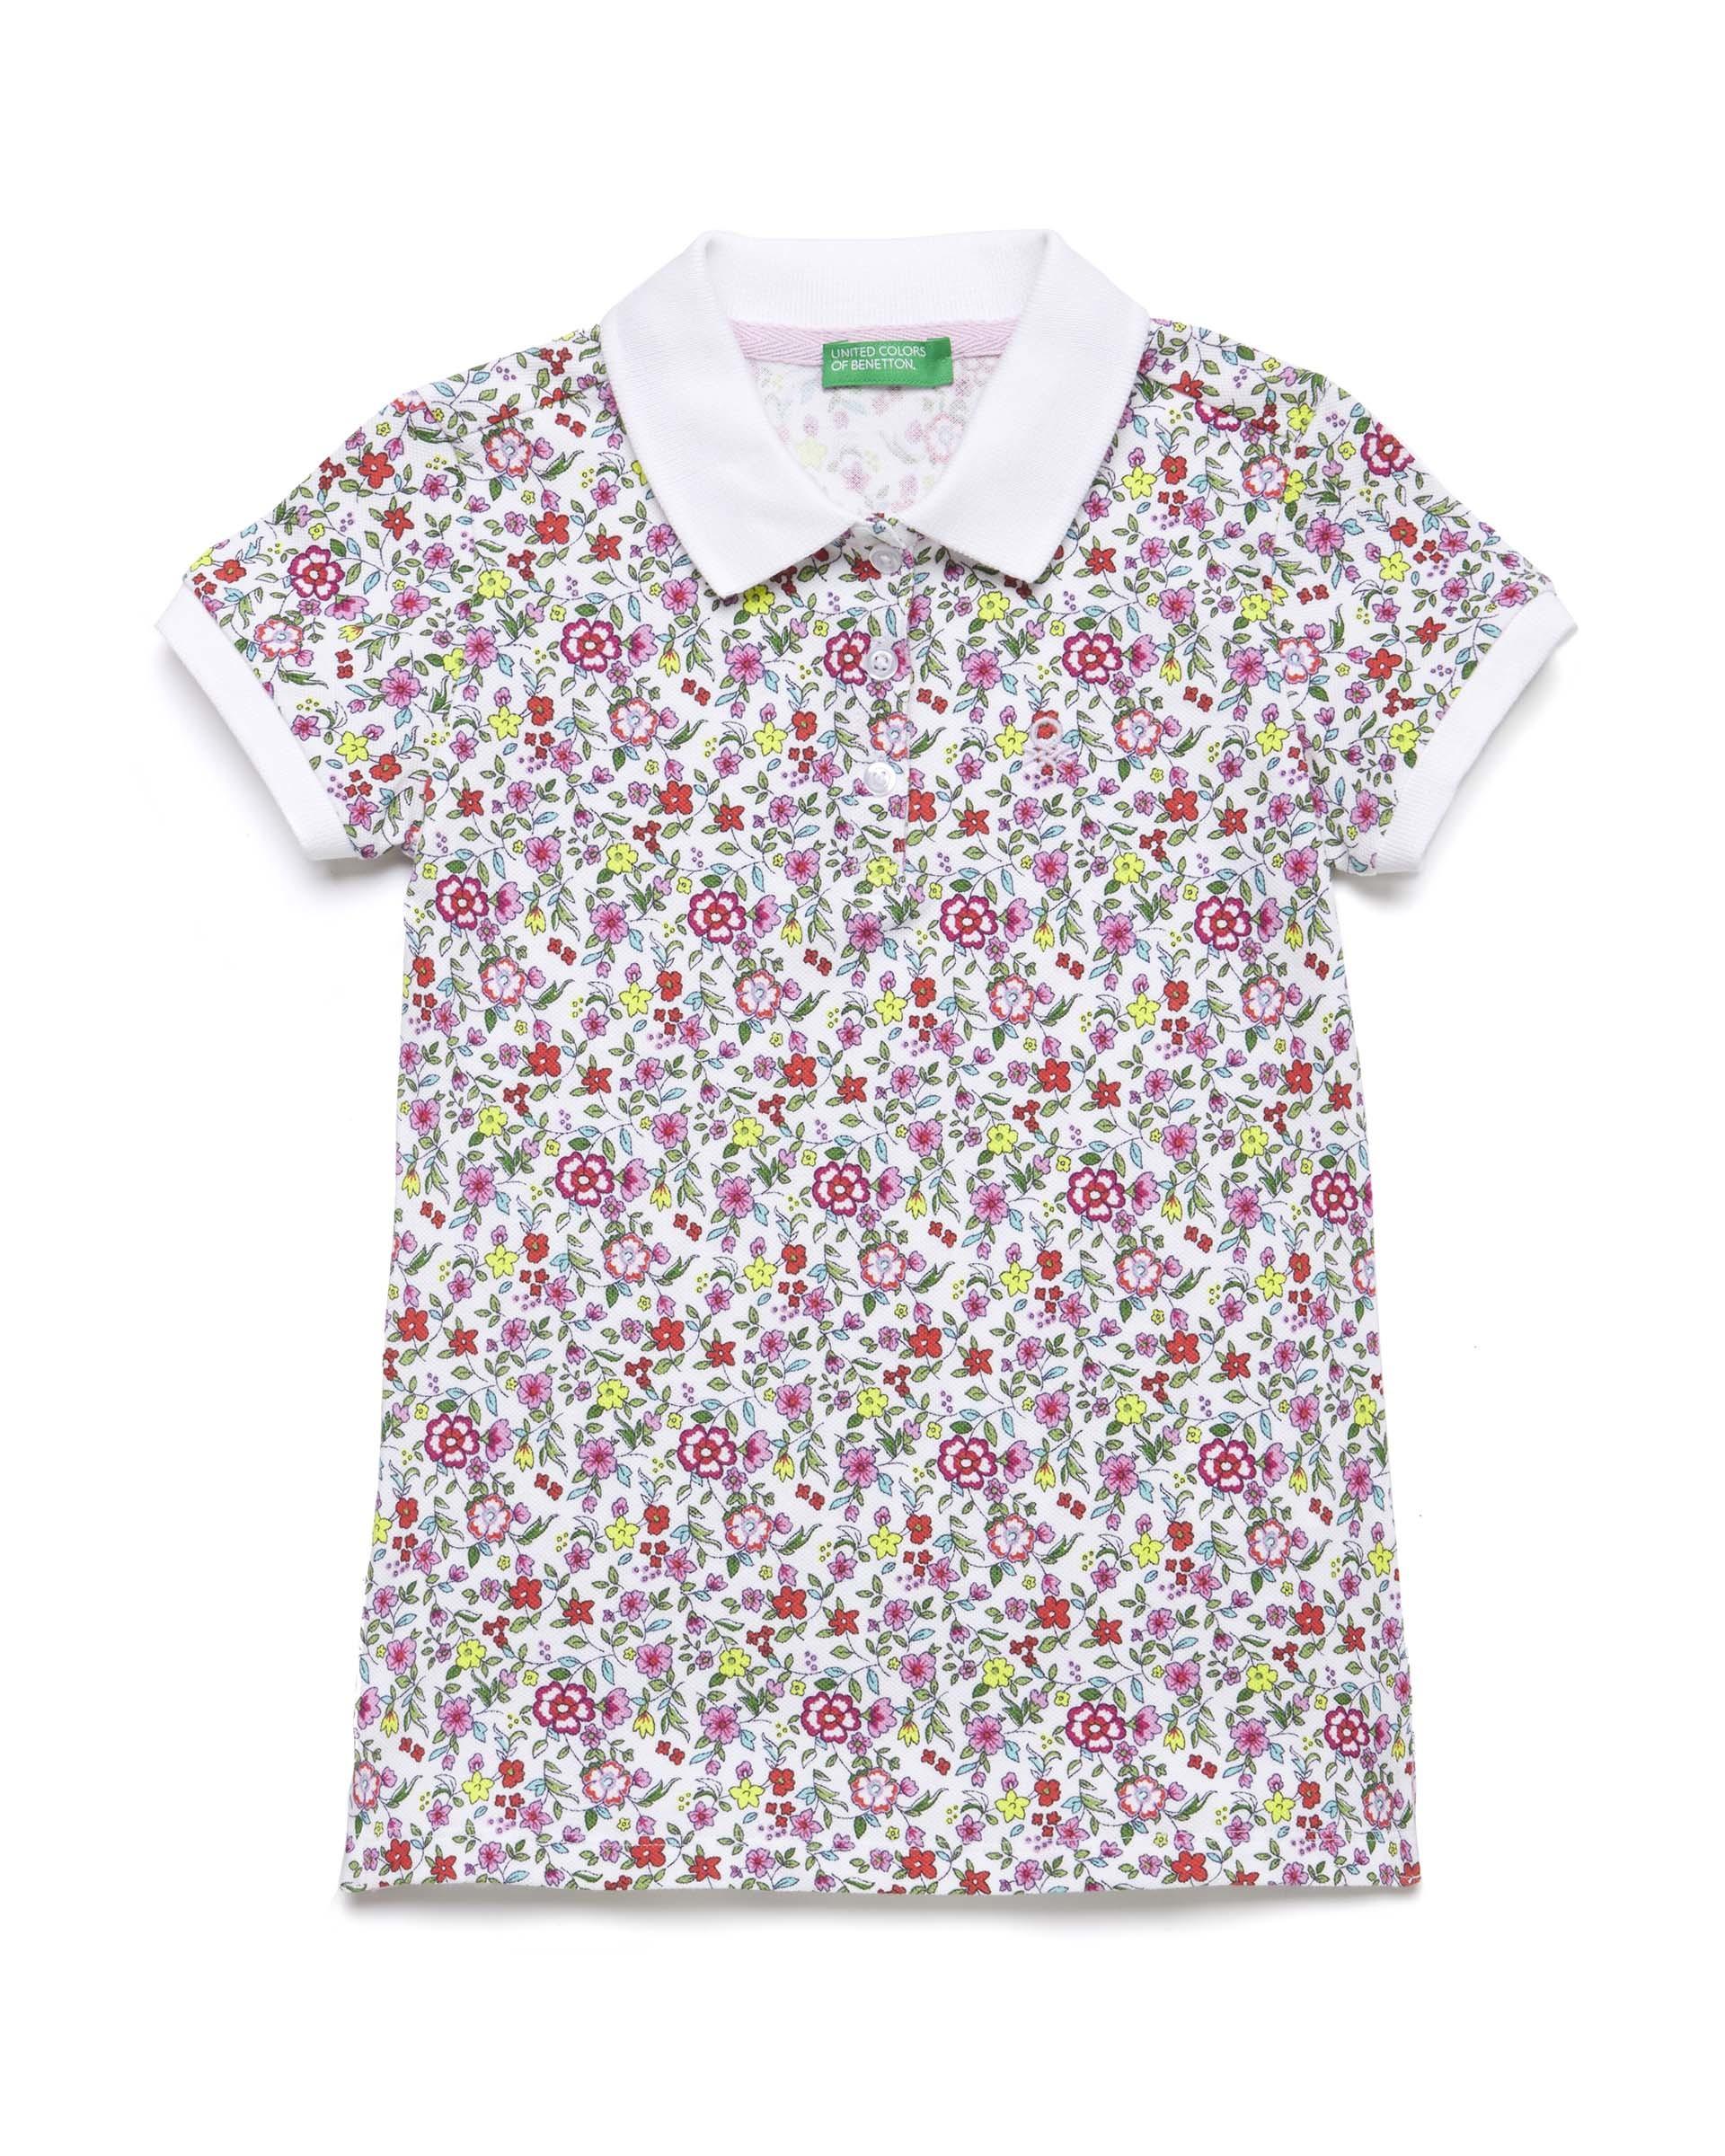 20P_3PK6C3126_69K, Поло-пике для девочек Benetton 3PK6C3126_69K р-р 158, United Colors of Benetton, Детские футболки  - купить со скидкой